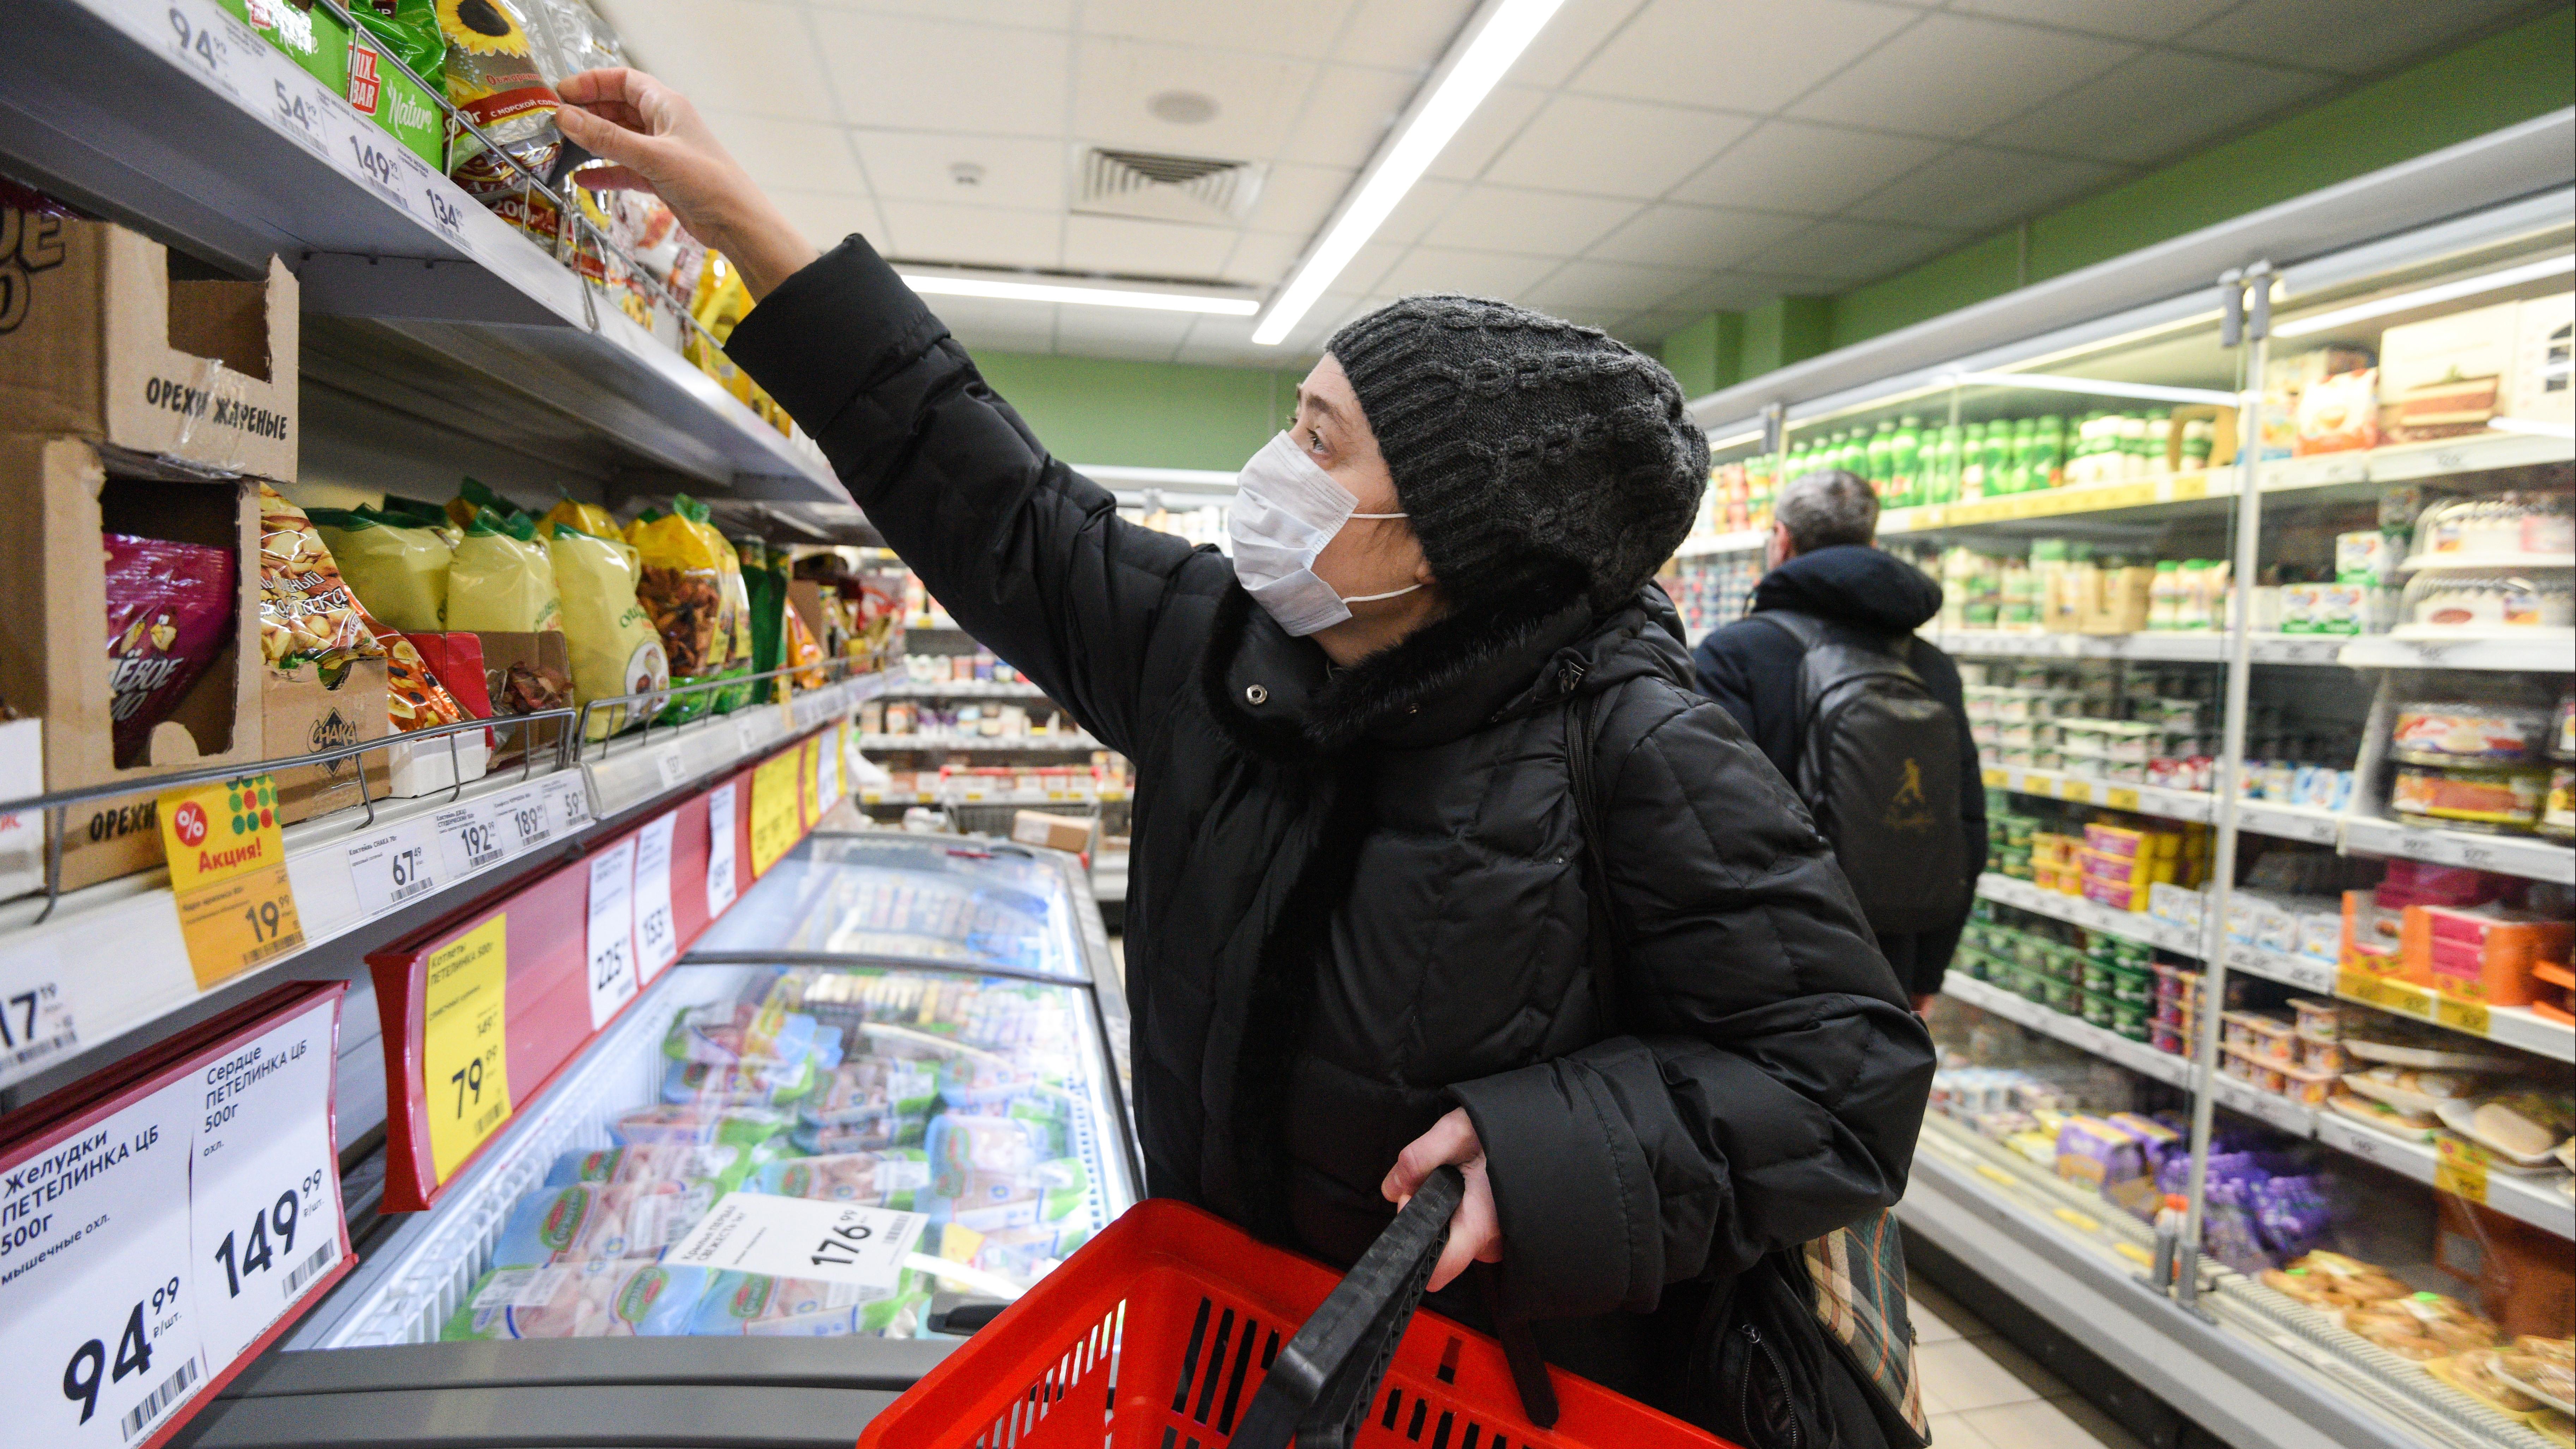 Более 5 тыс. нарушителей масочного режима выявили в Подмосковье в октябре